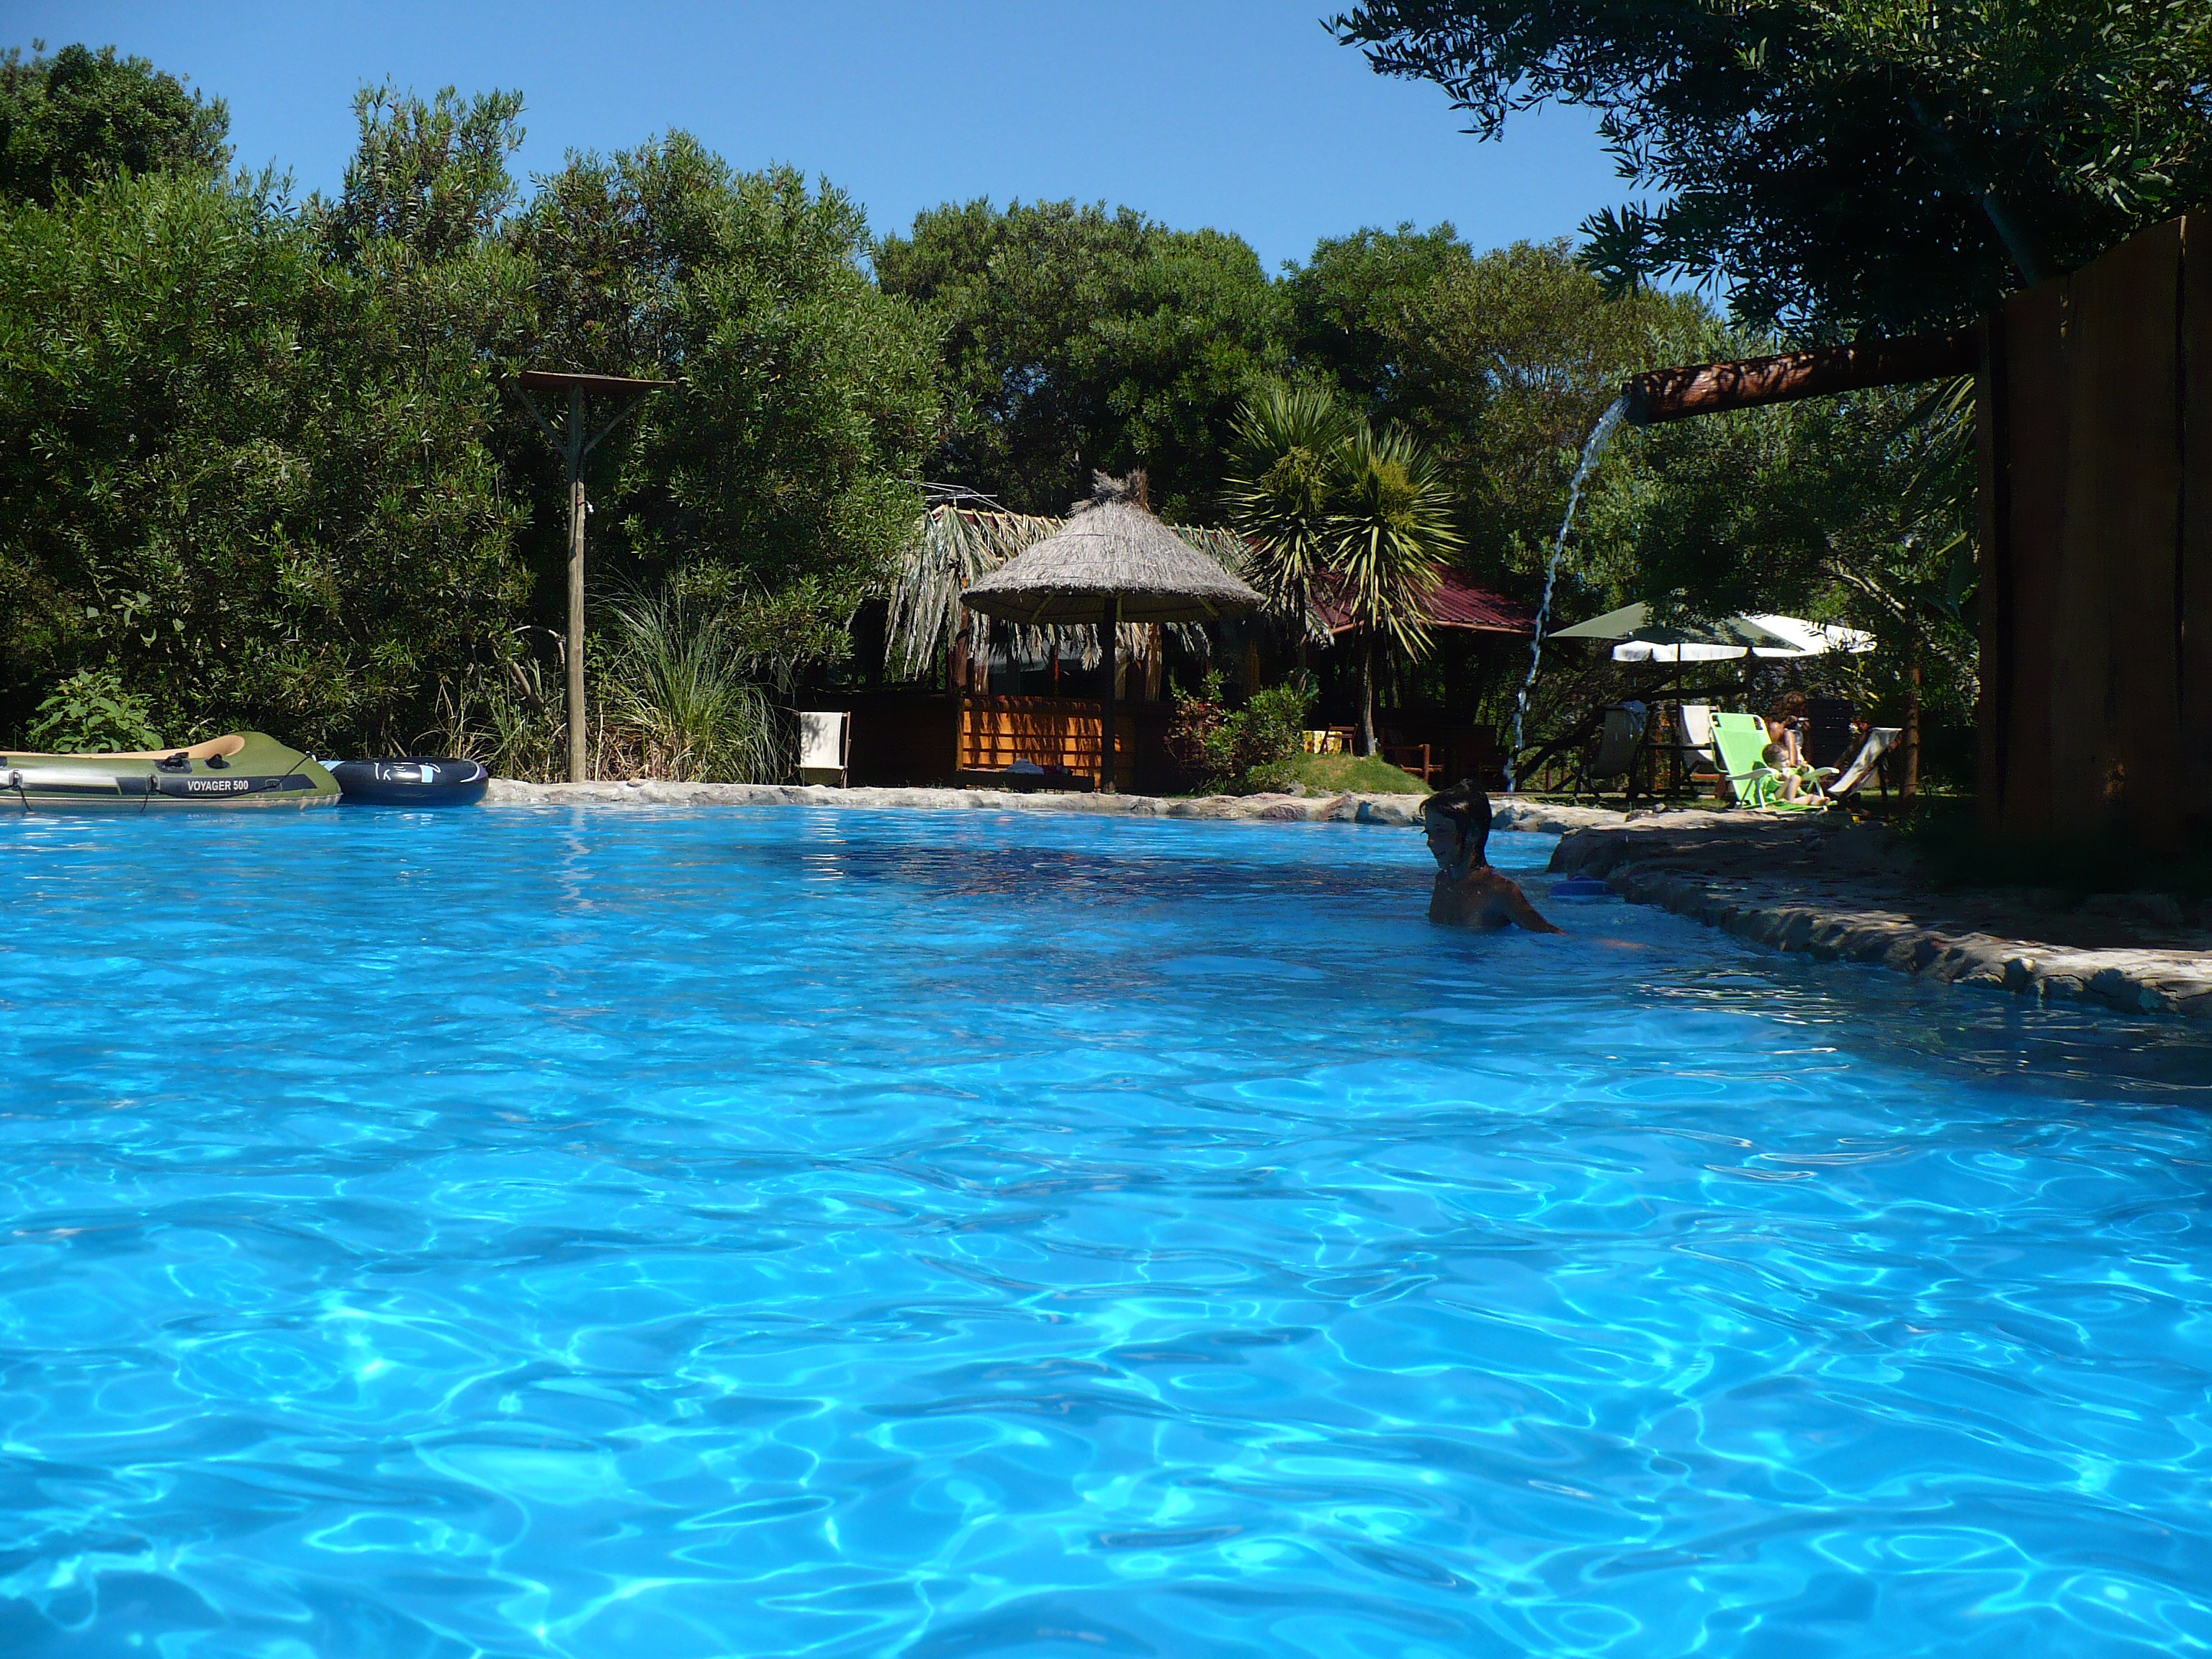 Alojamientos En Piriapolis Piscina Climatizada Hoteles En Piriapolis Hotels In Piriapolis Pool